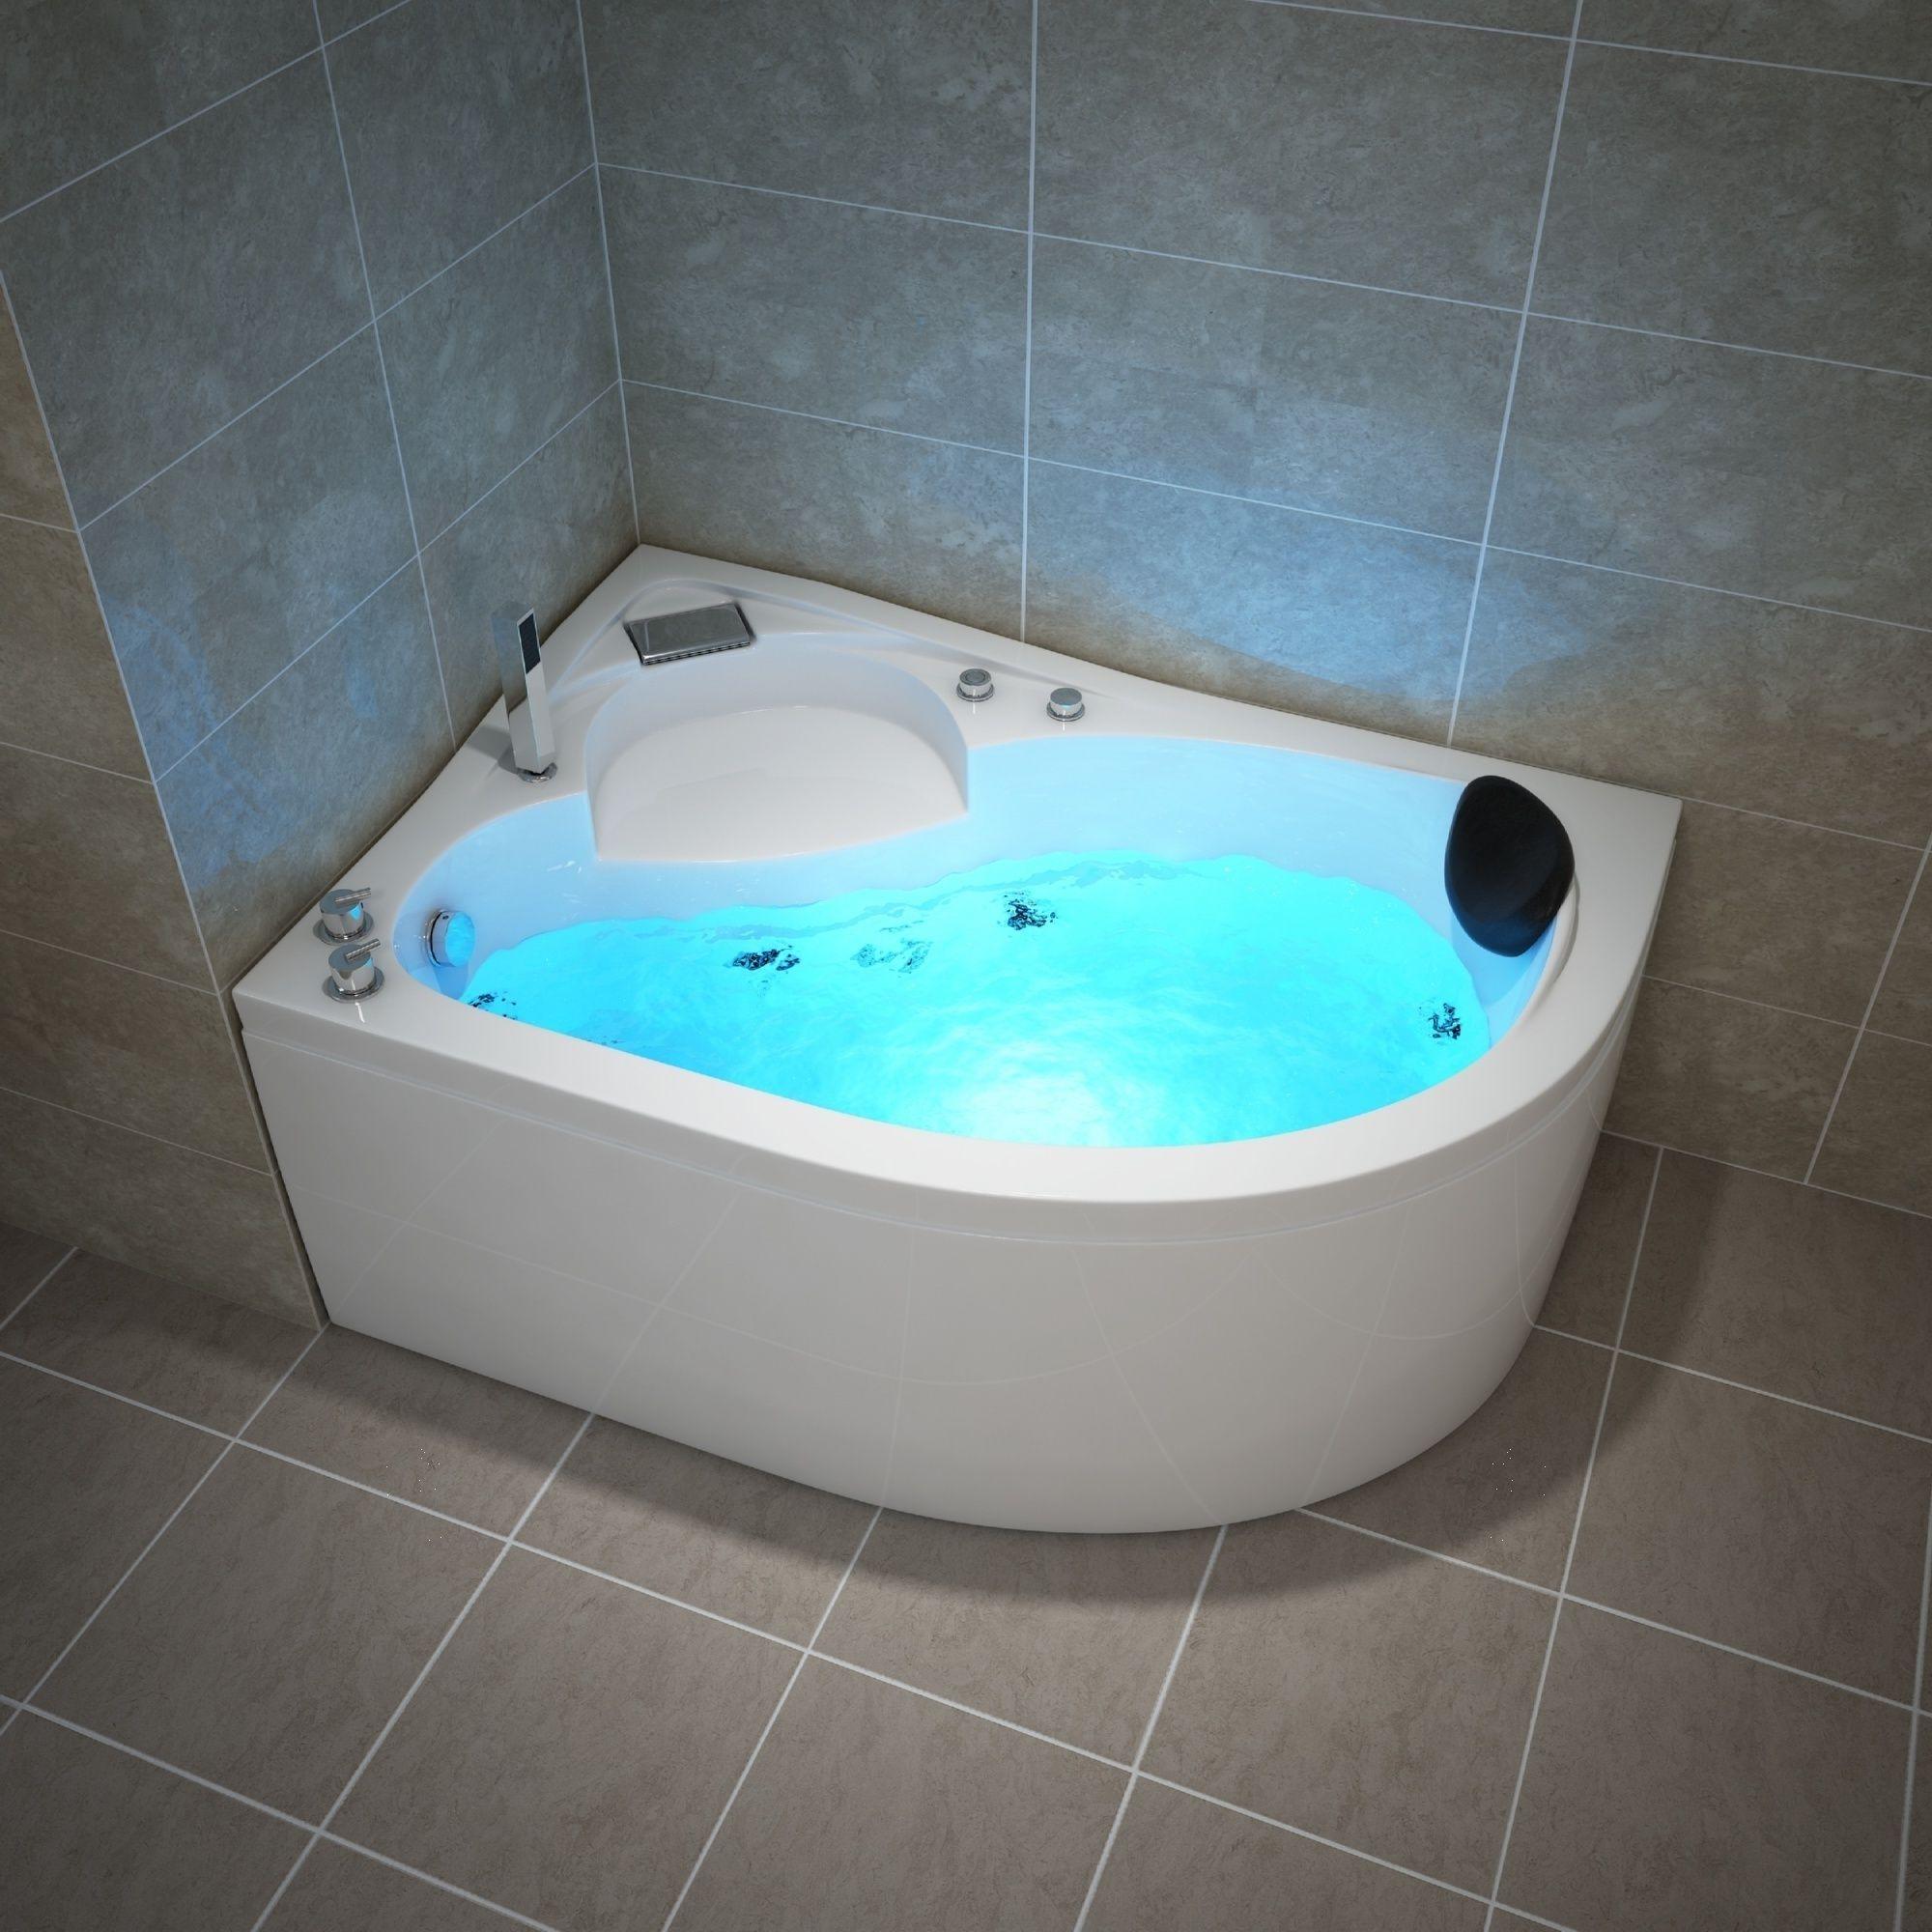 Capri 150x100 Rechts Whirlpool Badewanne Dampfdusche Jacuzzi